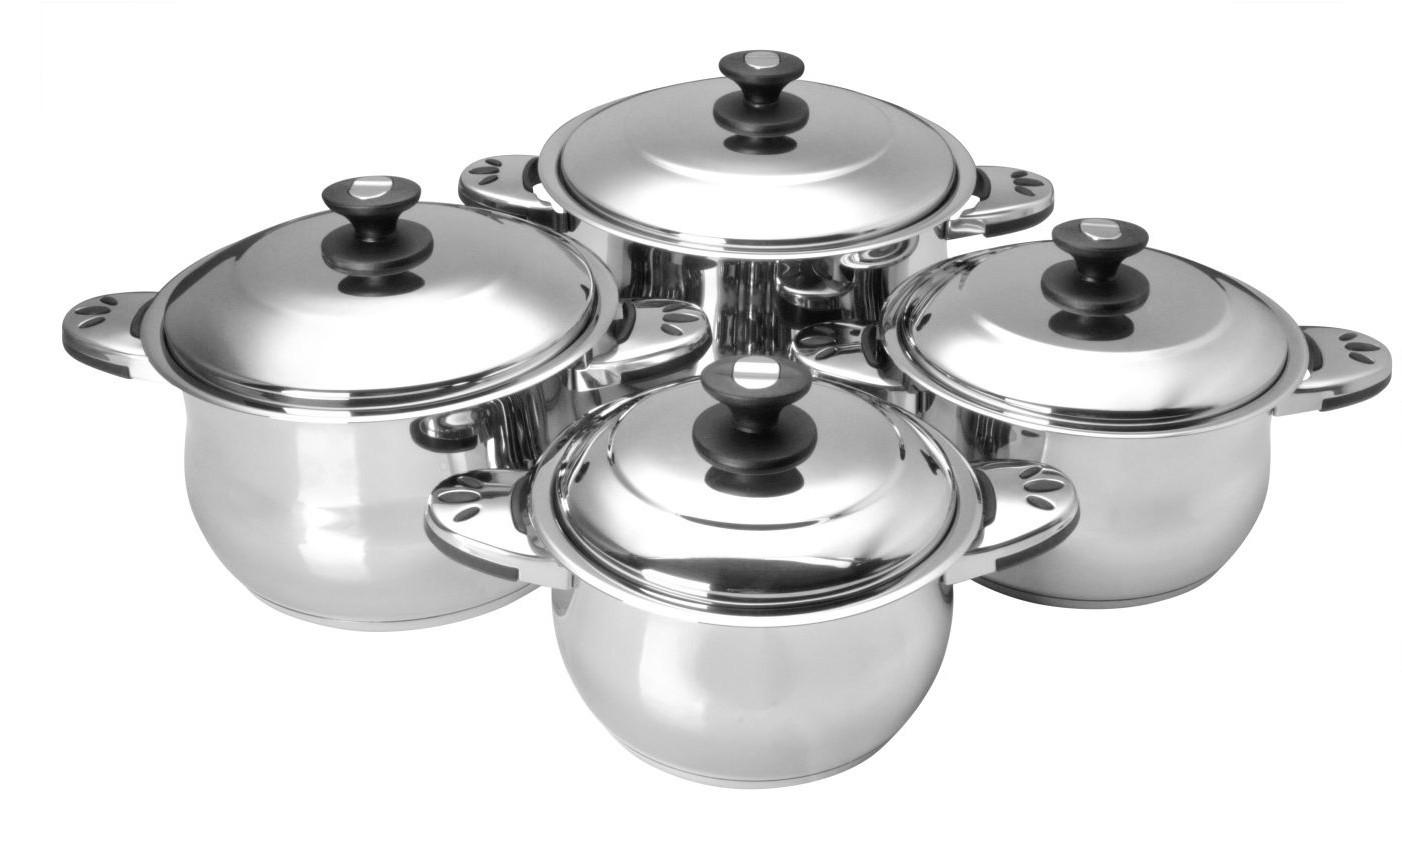 Sa 12055 de acero inoxidable utensilios de cocina - Ollas de cocina ...